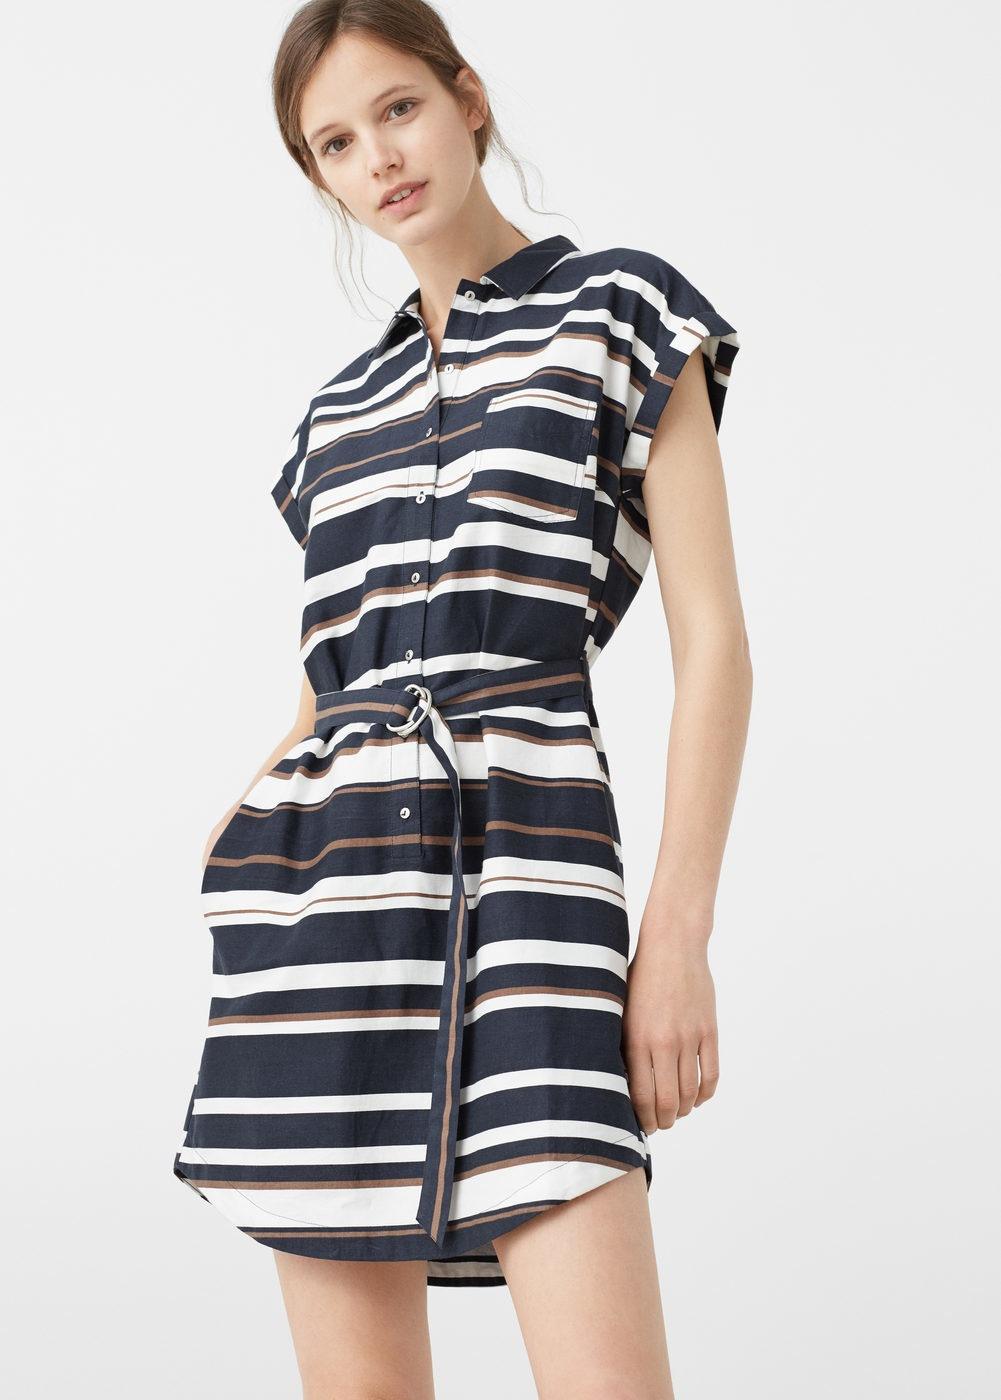 платье рубашка в горизонтальную в полоску